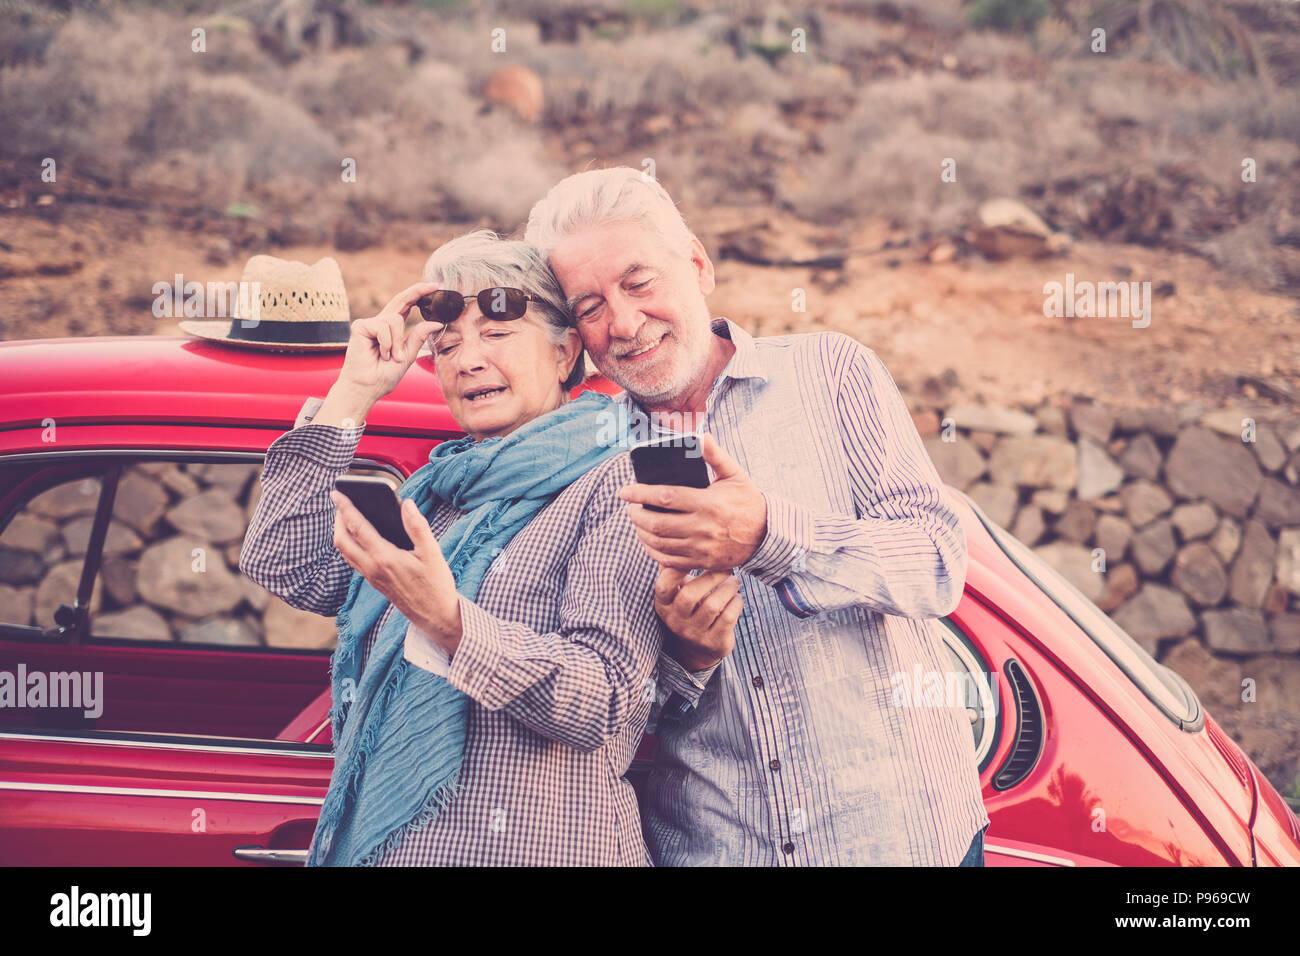 Senior adulto giovane controllare e guardare i telefoni cellulari per connettersi con internet o scattare una foto selfie. vintage auto rossa pronto a viaggiare ovunque in th Foto Stock